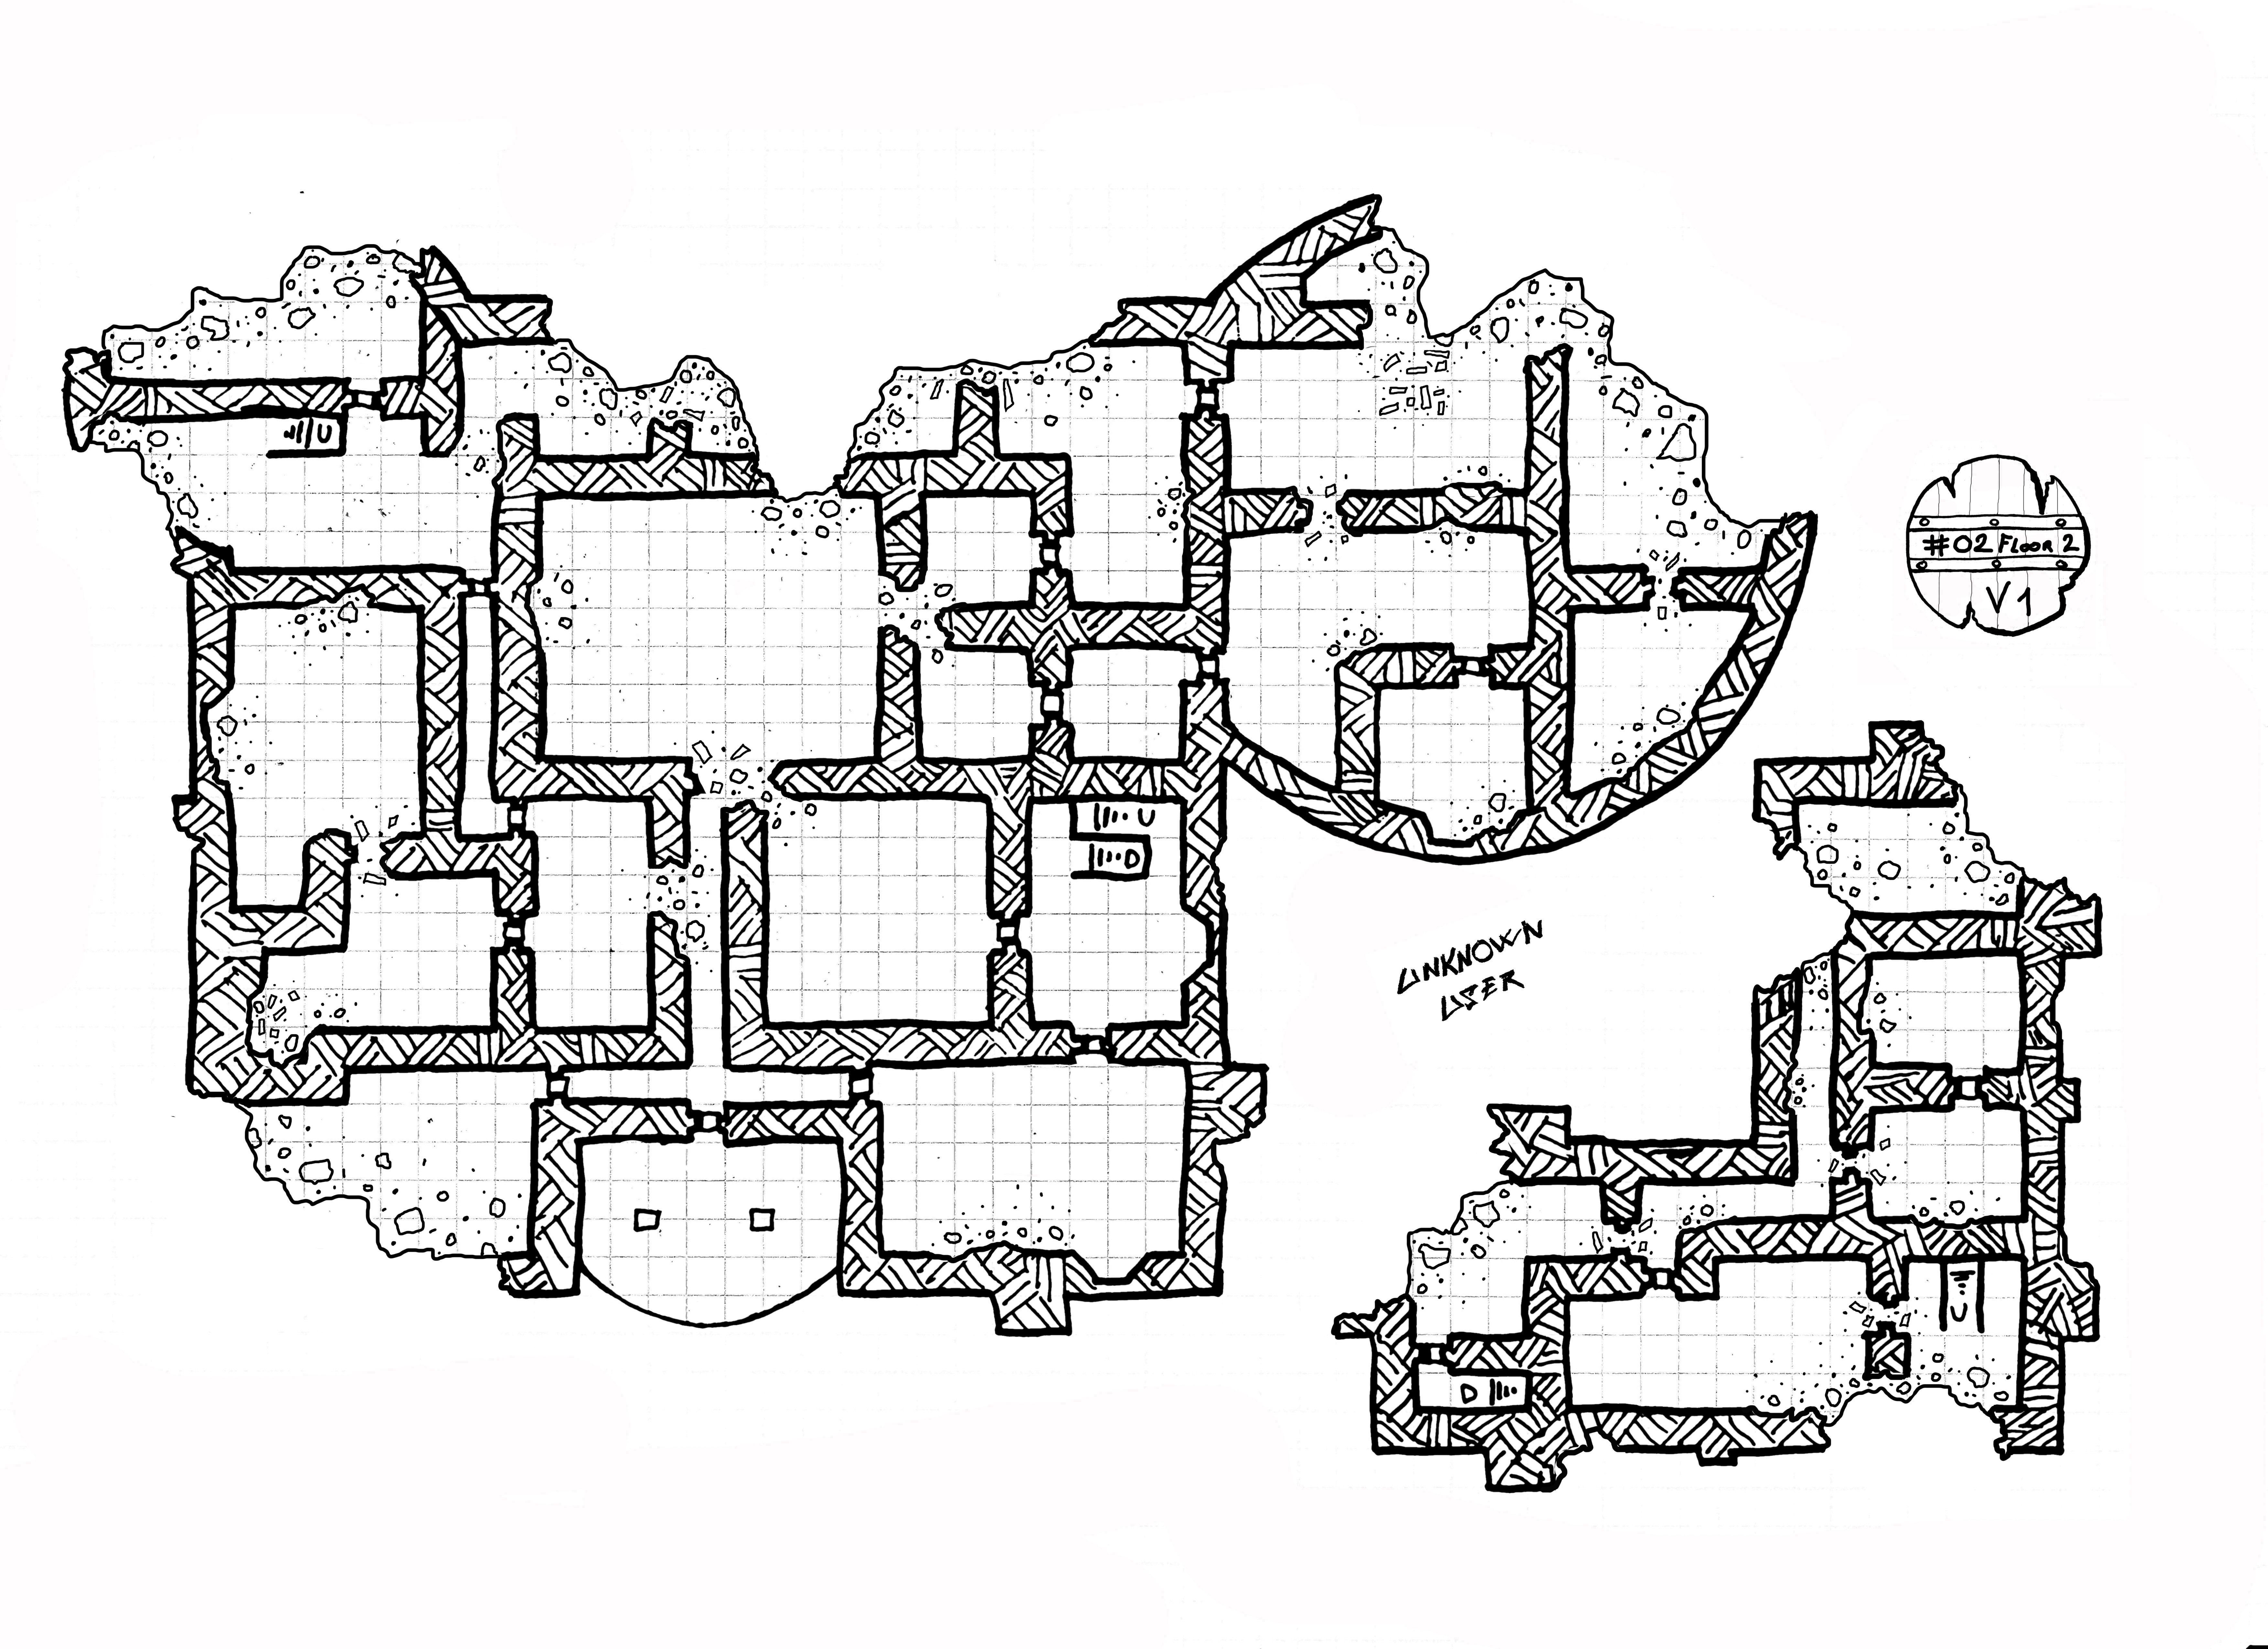 02 floor 2 v1 for Floor 2 dungeon map